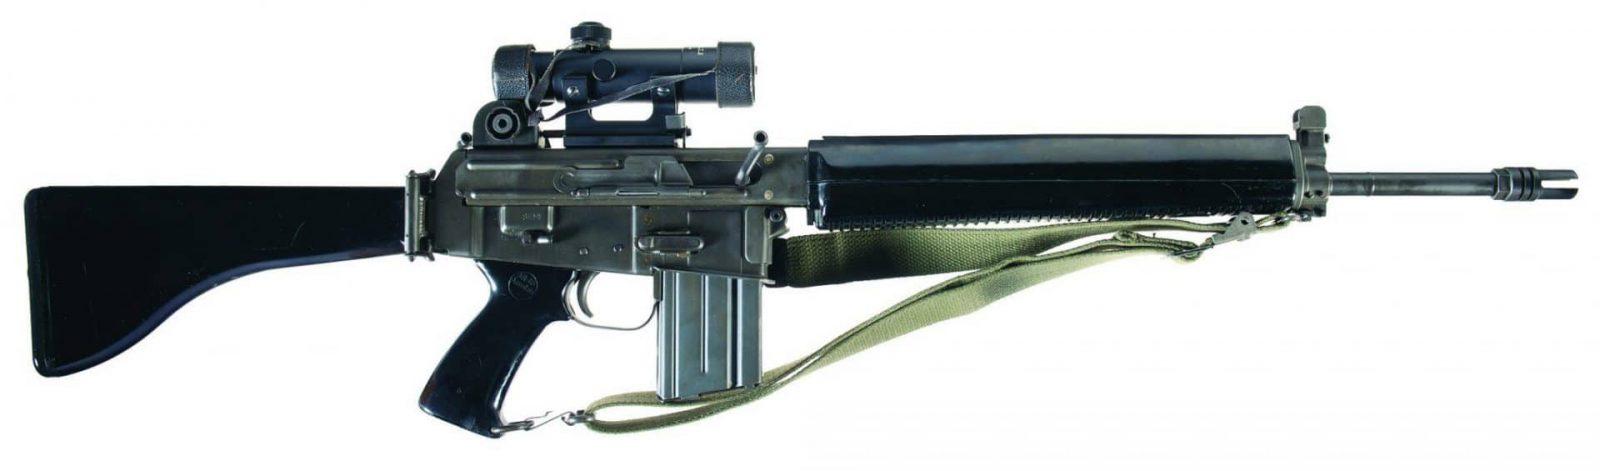 AR-18 - GetZone